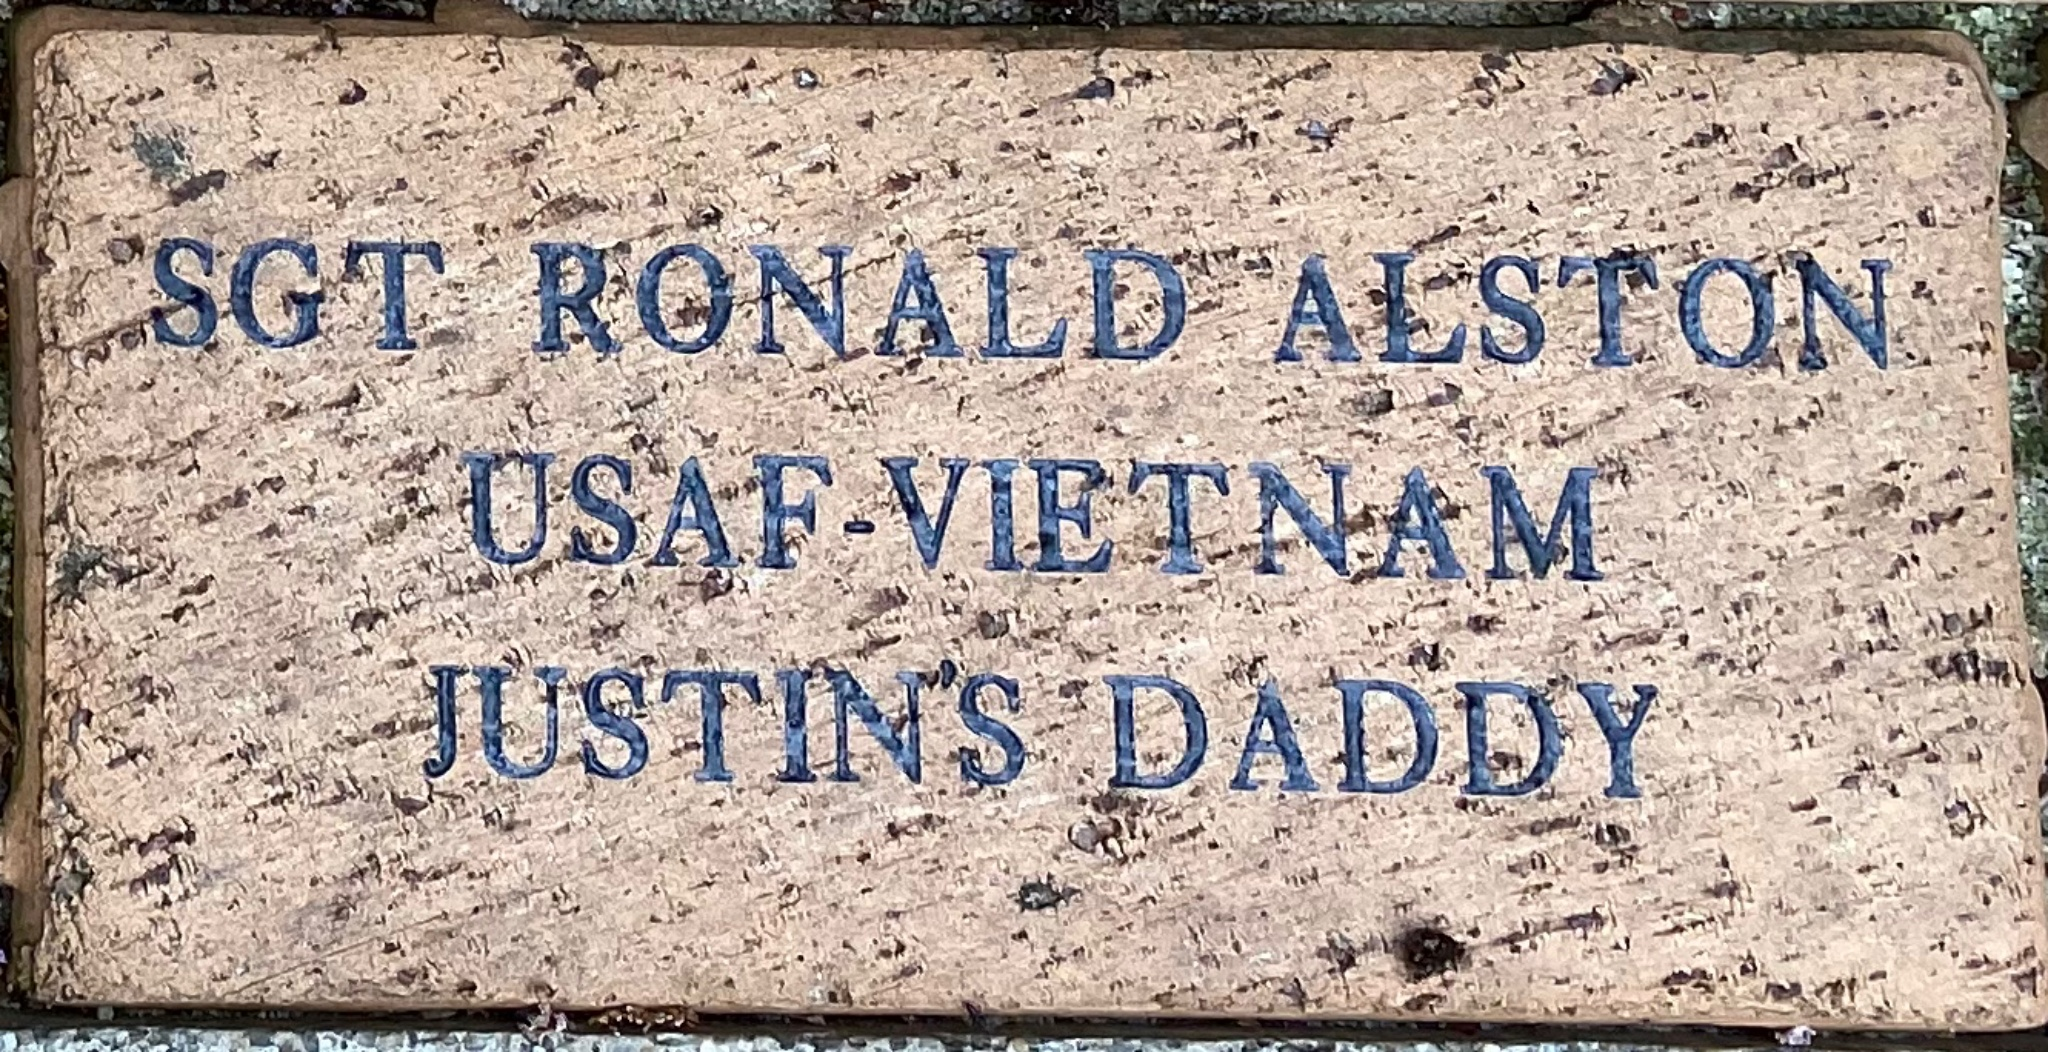 SGT RONALD ALSTON USAF – VIETNAM JUSTIN''S DADDY